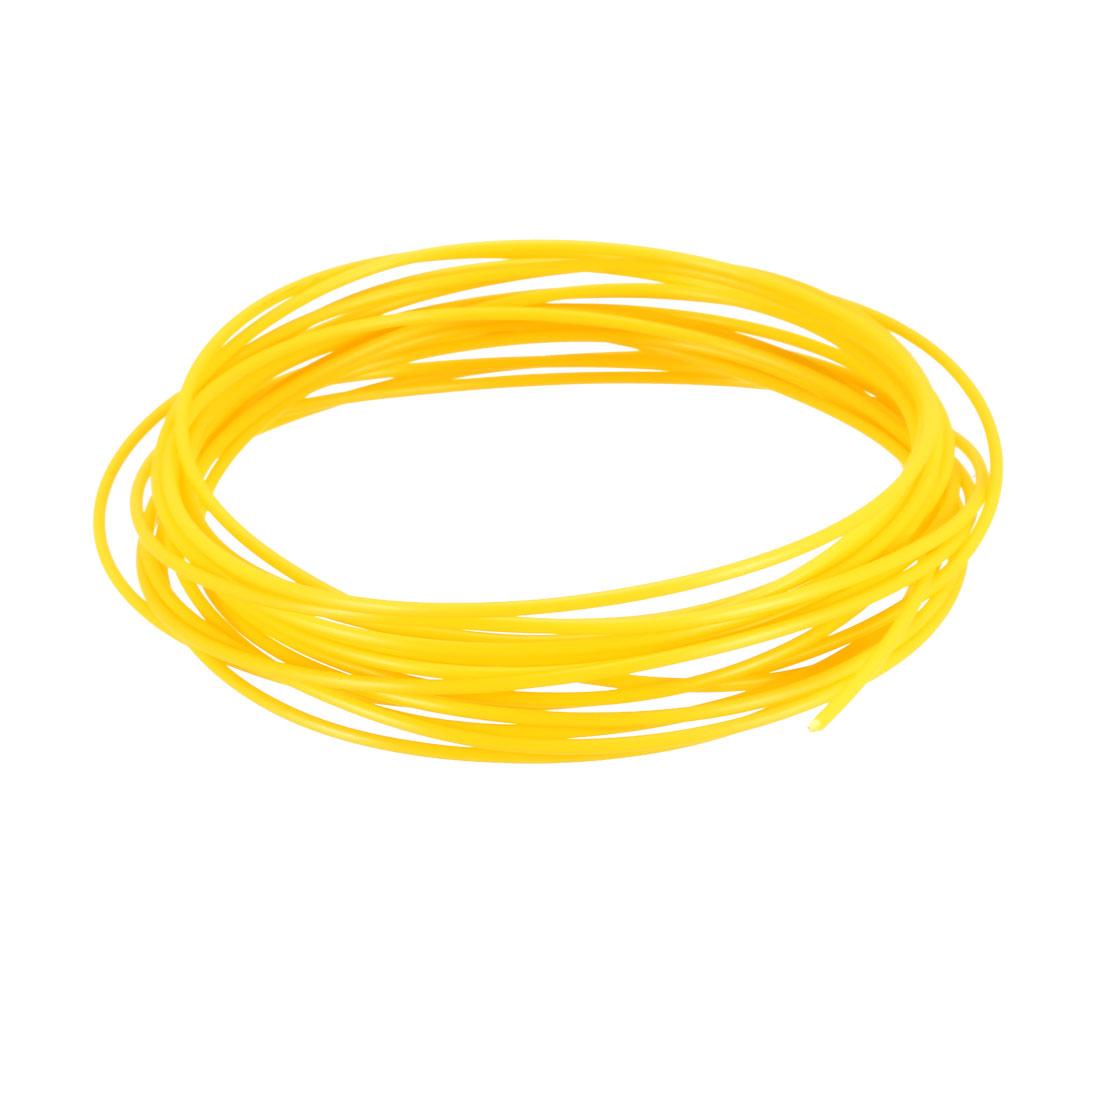 5 Meter/16 Ft ABS 3D Pen/3D Printer Filament, 1.75 mm Yellow